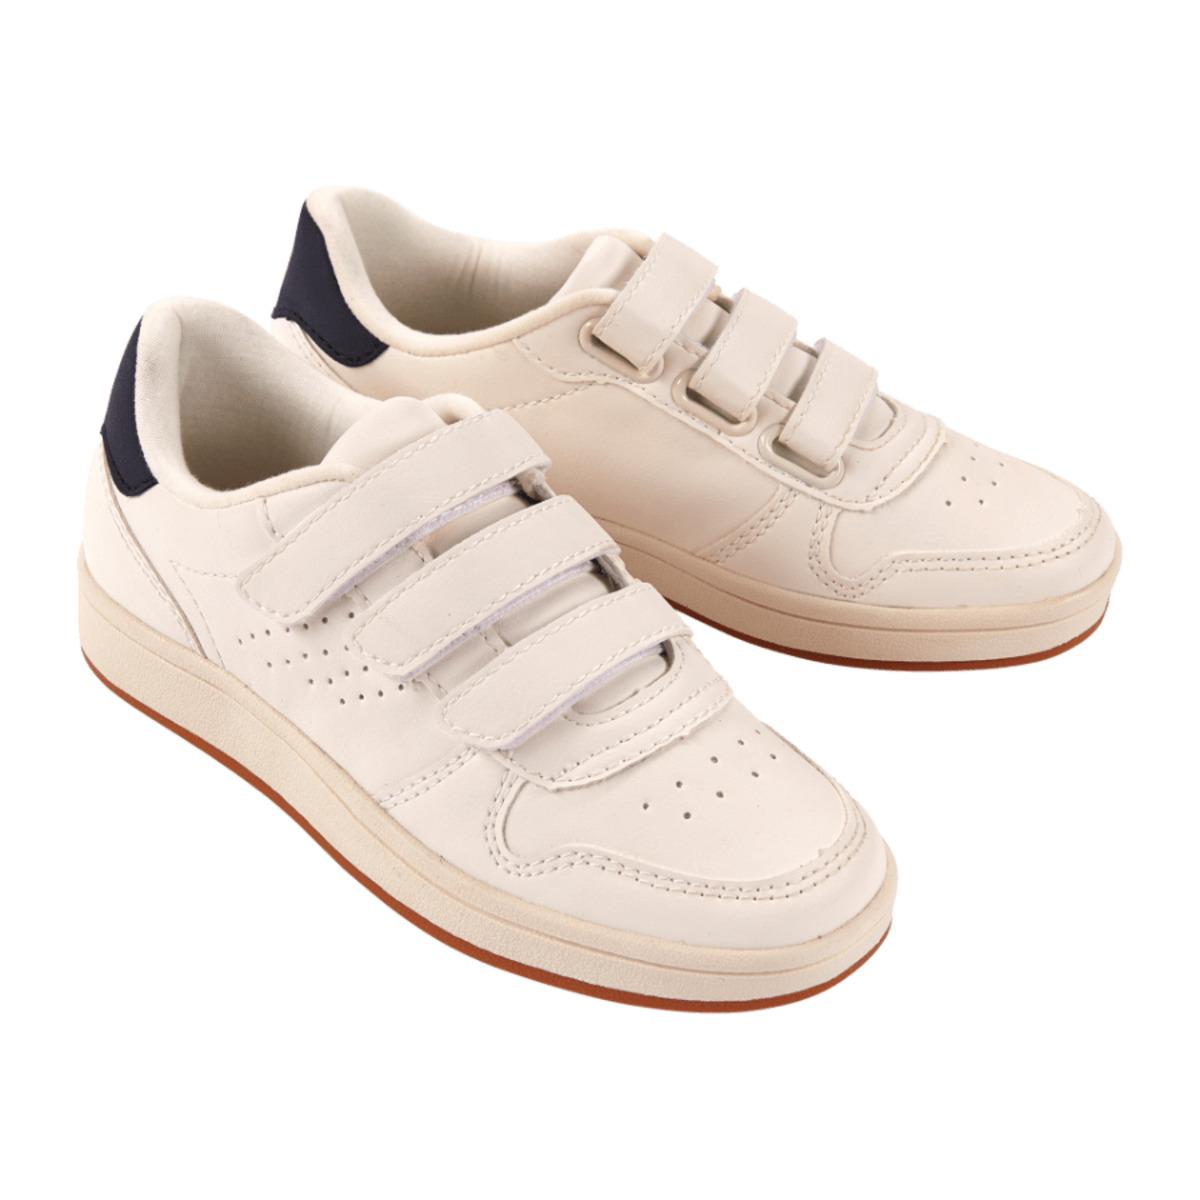 Bild 3 von WALKX     Sneaker mit Klettverschluss